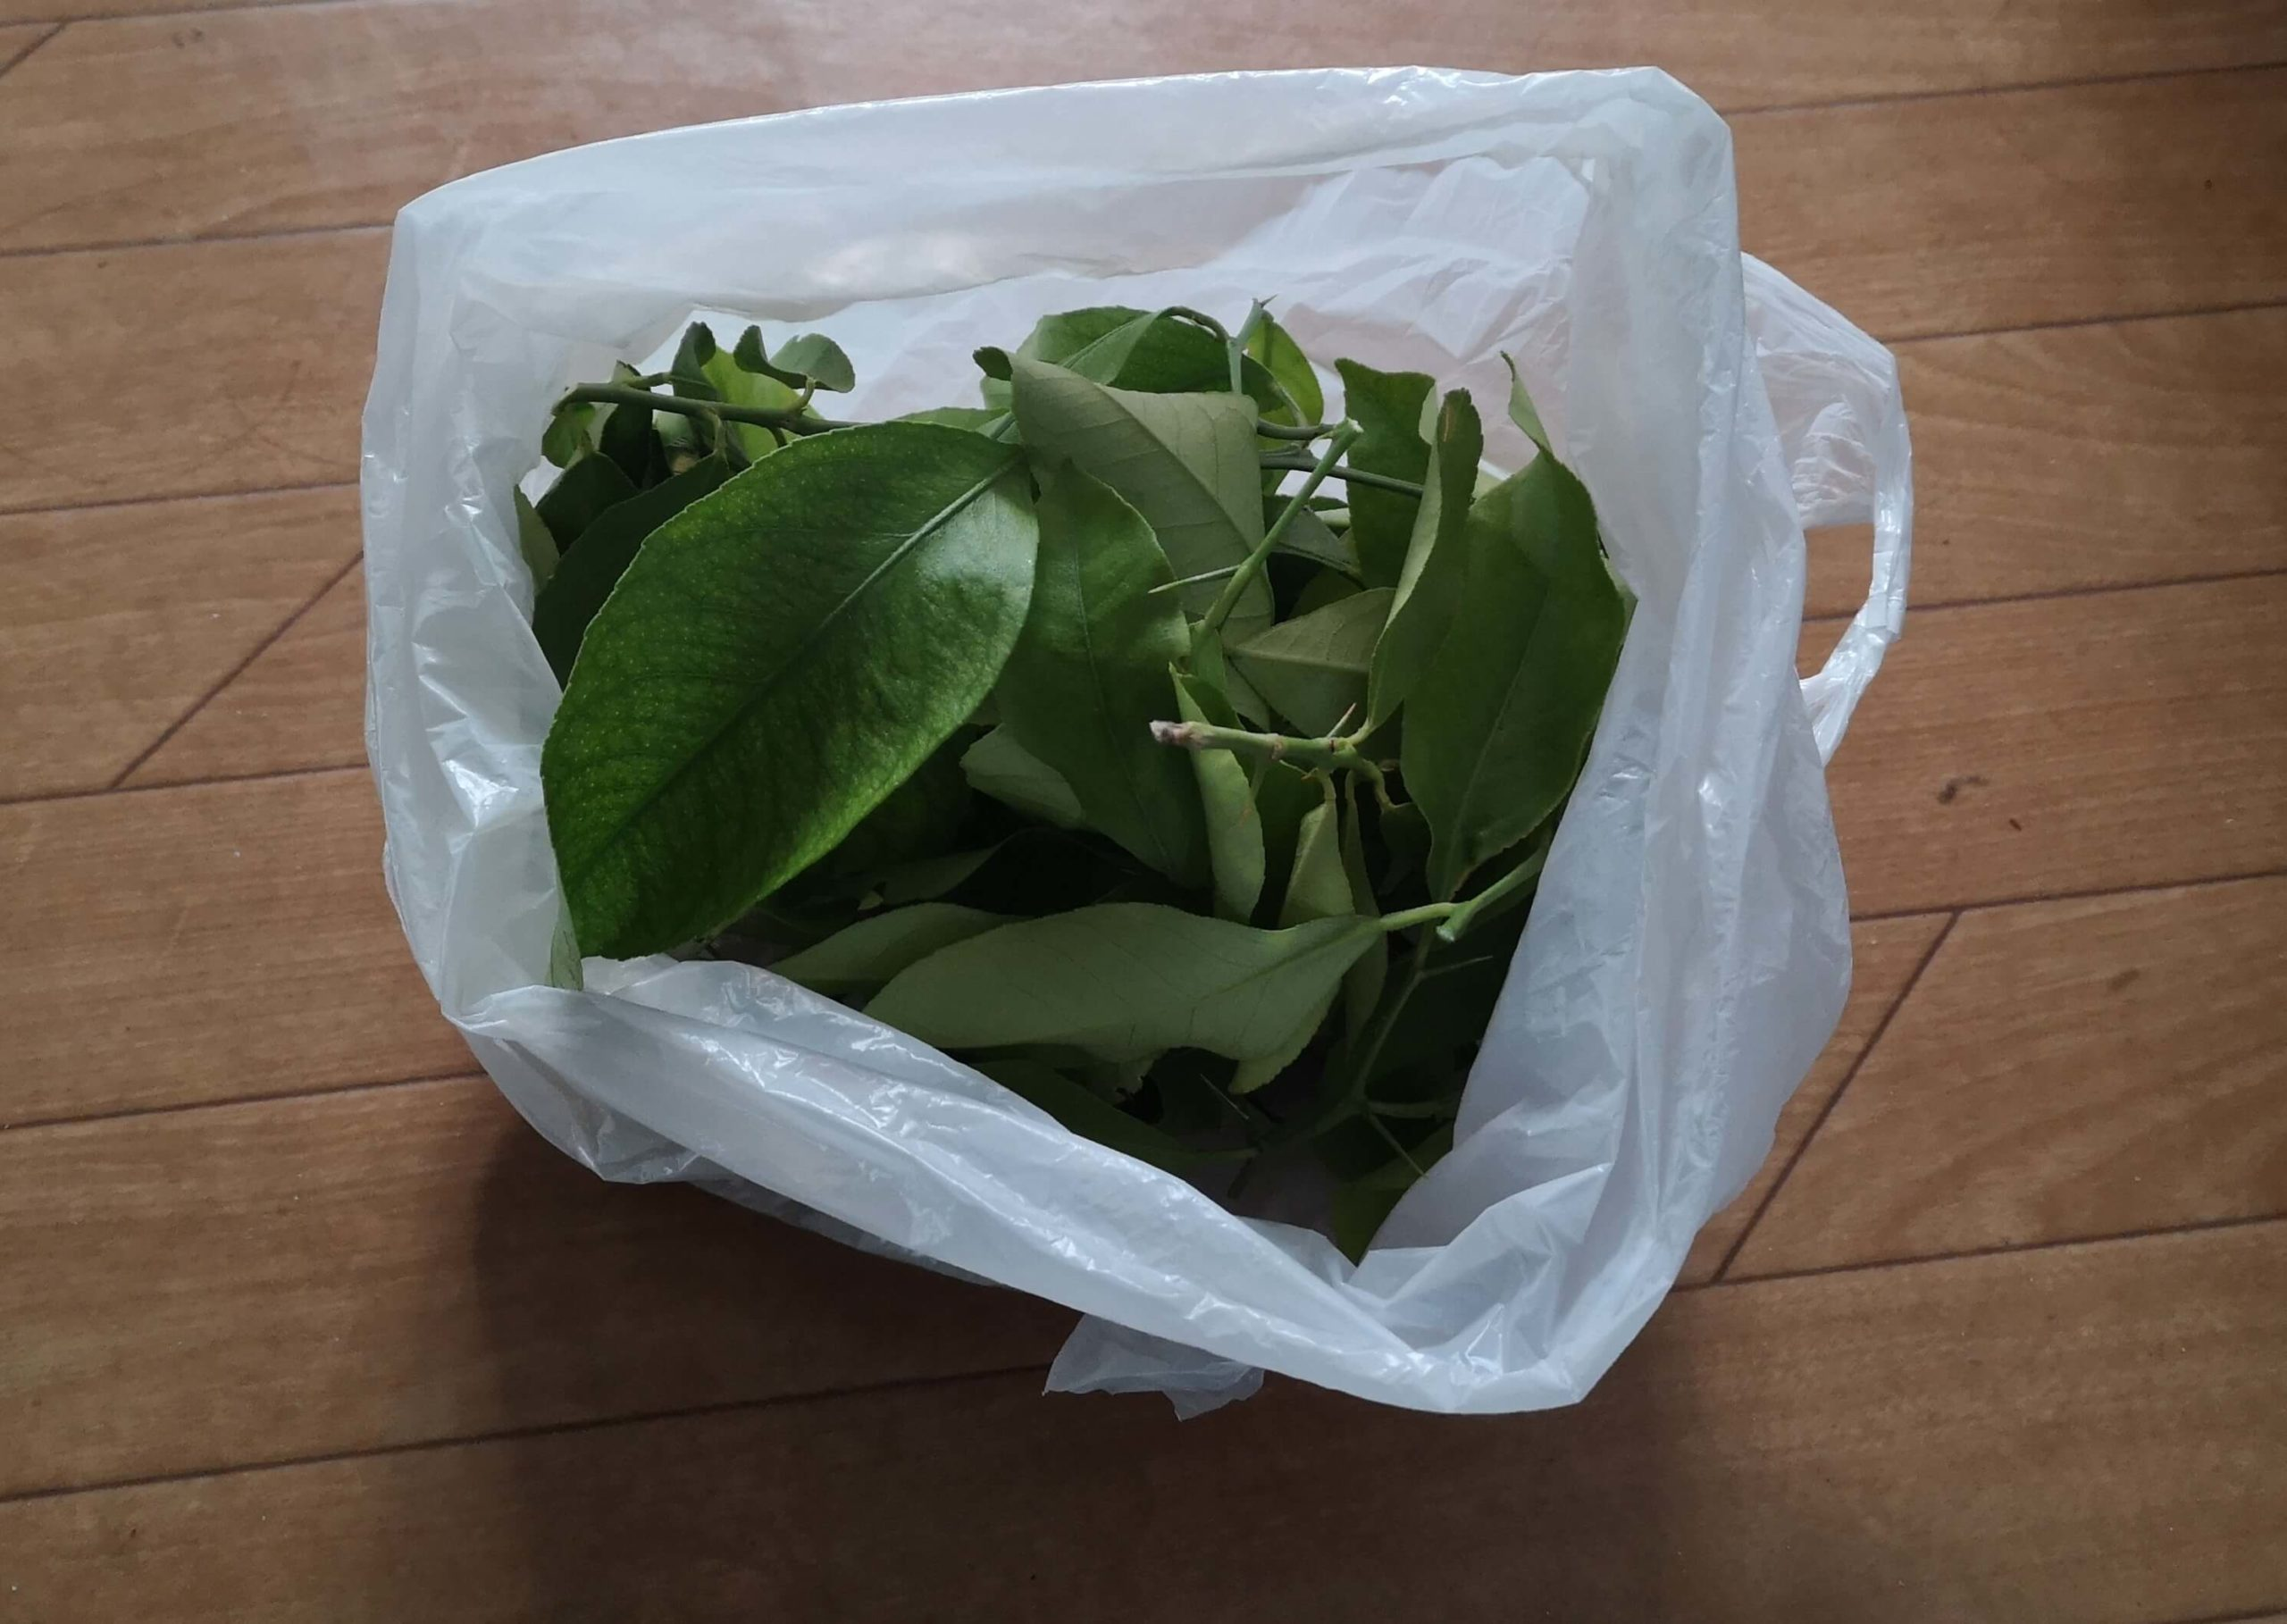 剪定したレモンの葉っぱが入った袋